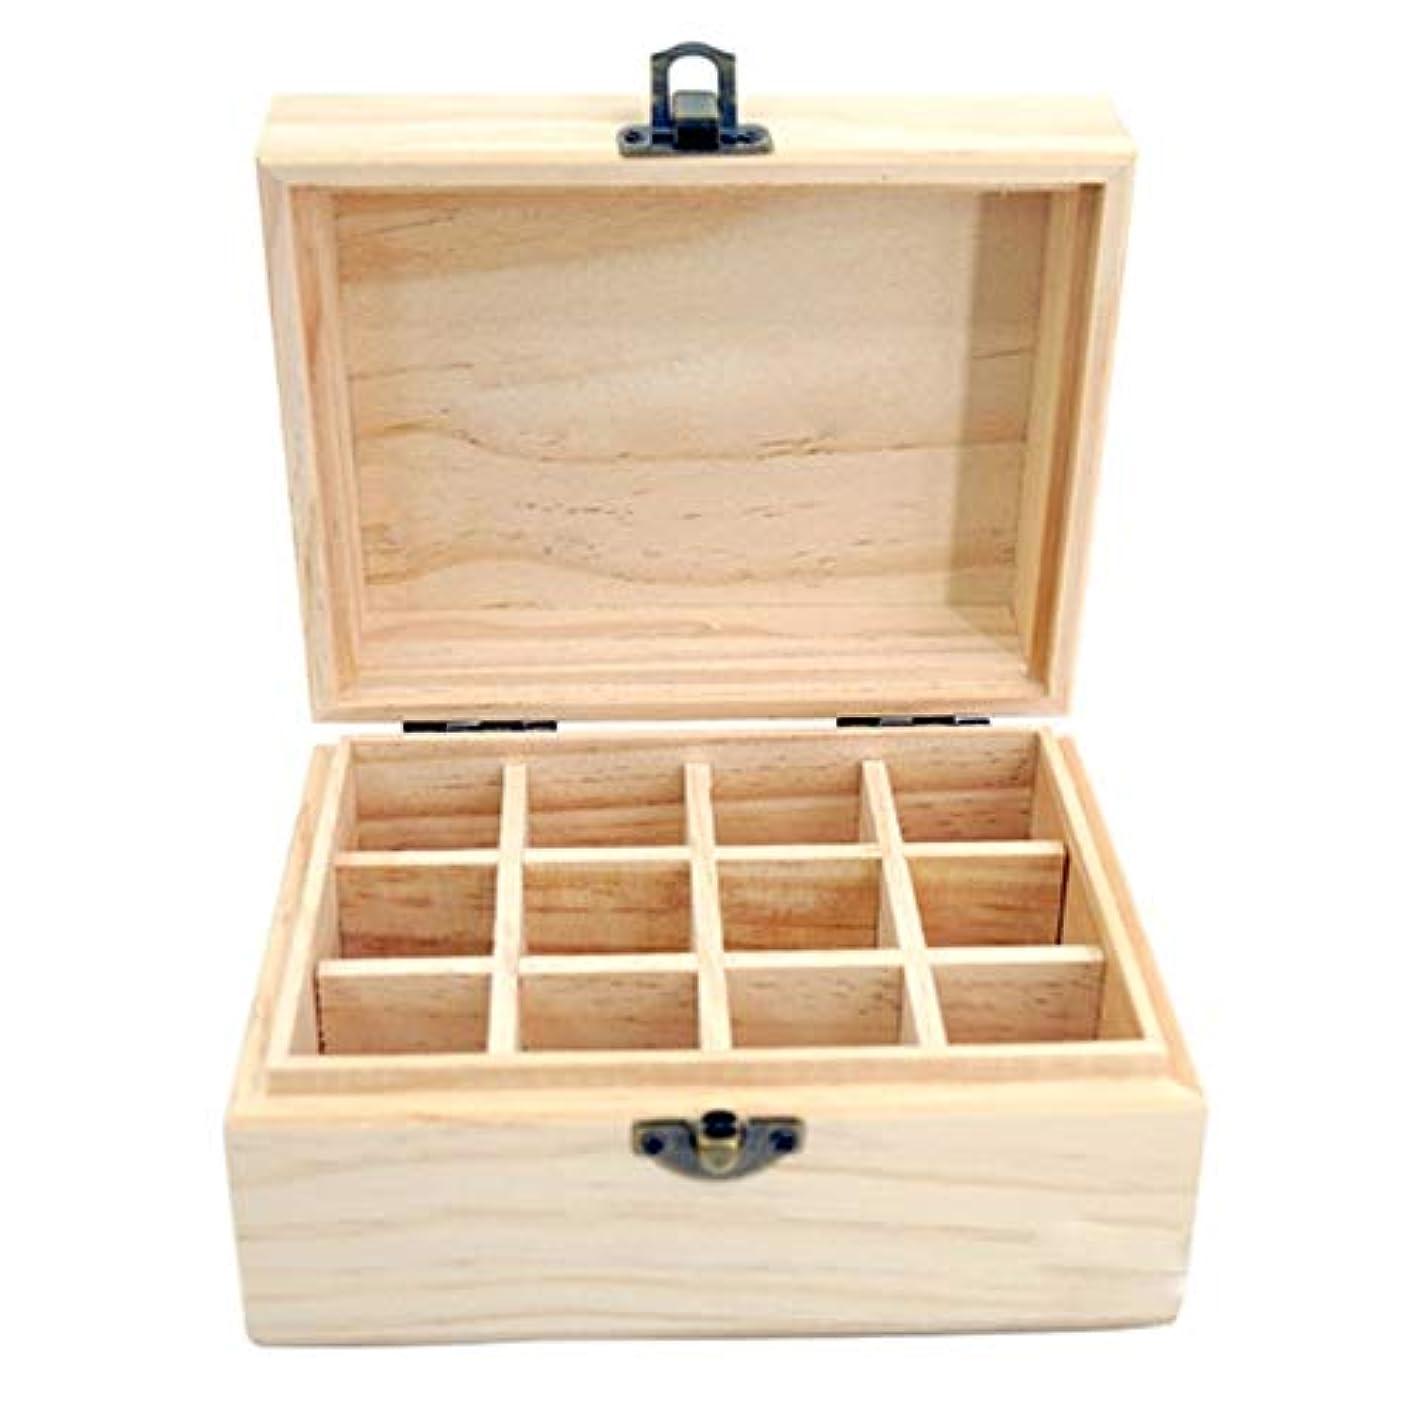 挨拶トークン預言者アロマセラピー収納ボックス 12スロットは、あなたが油木製収納ボックスのオイルのセキュリティを保護することができます エッセンシャルオイル収納ボックス (色 : Natural, サイズ : 15X11.5X8CM)